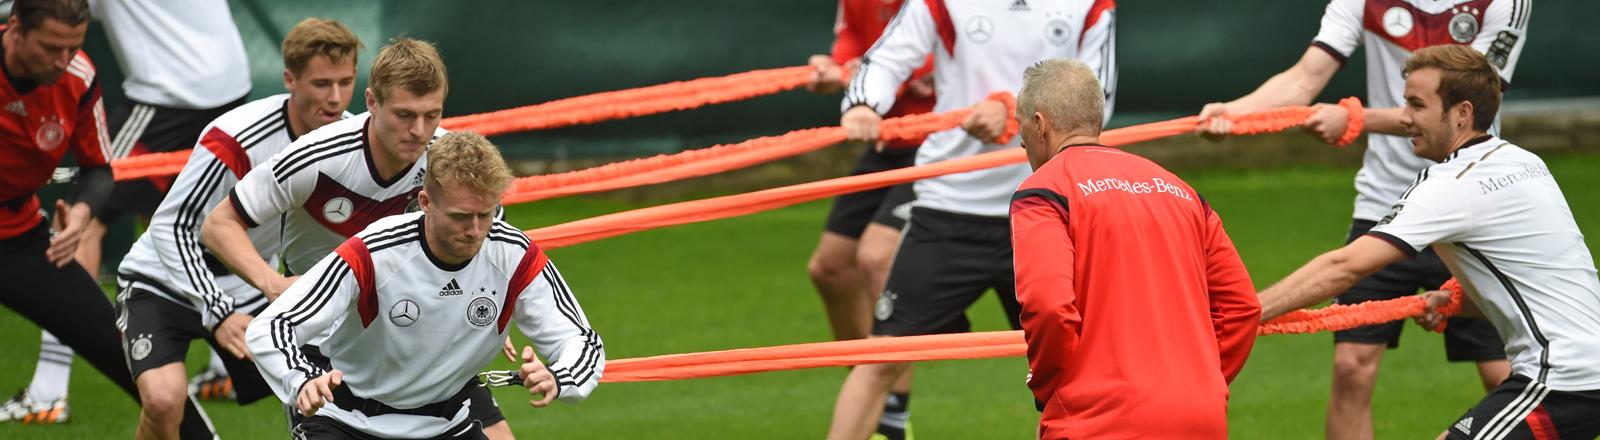 Die DFB-Kicker beim Training